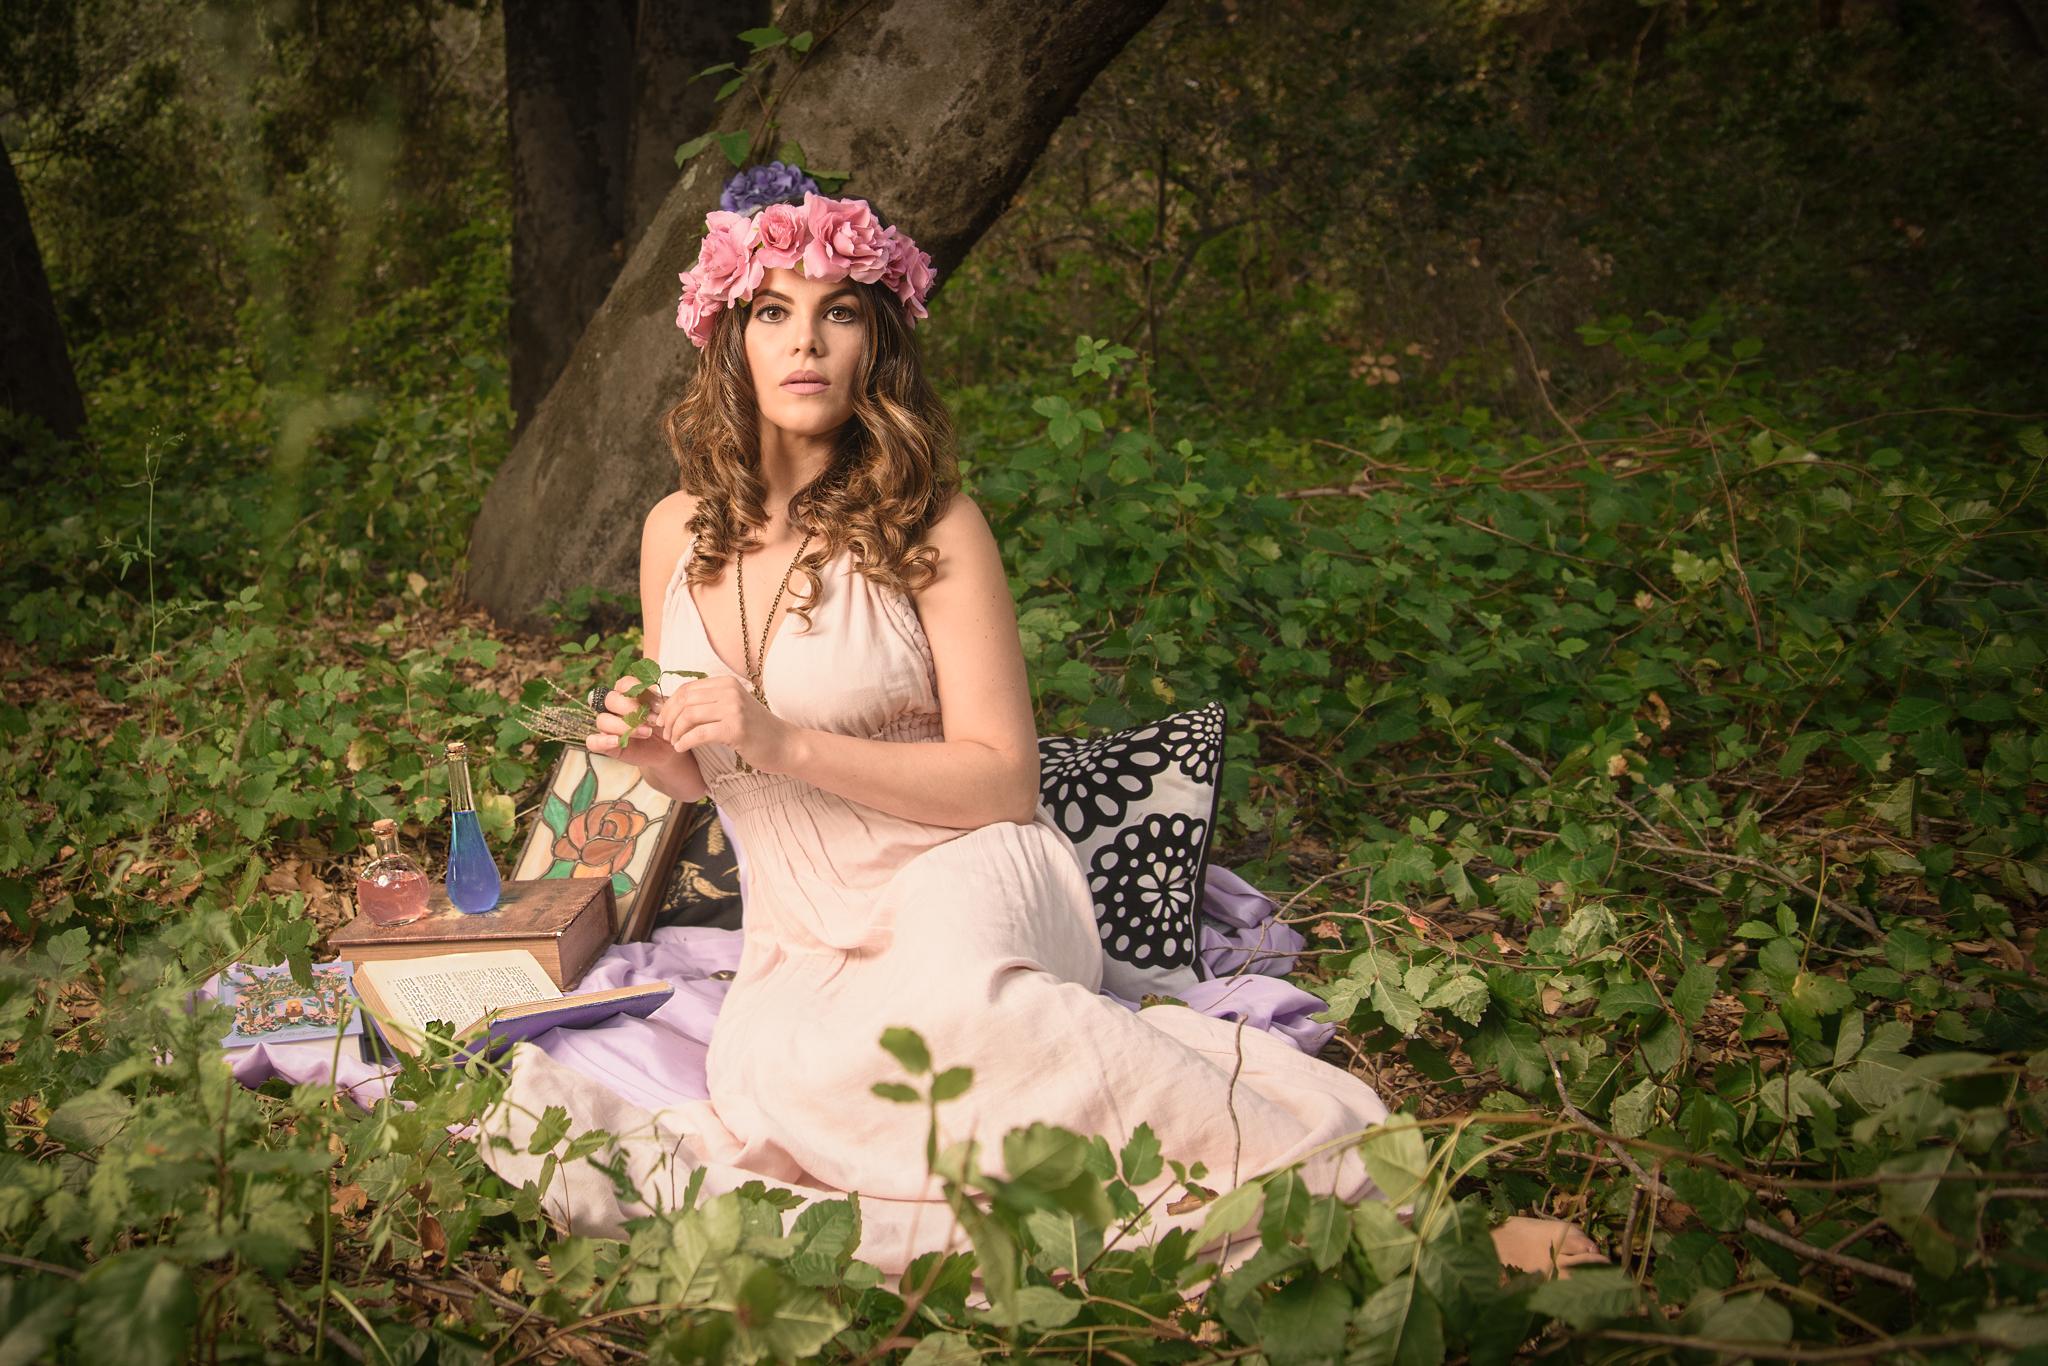 Vanessa_Forest_Ground (1 of 5).jpg